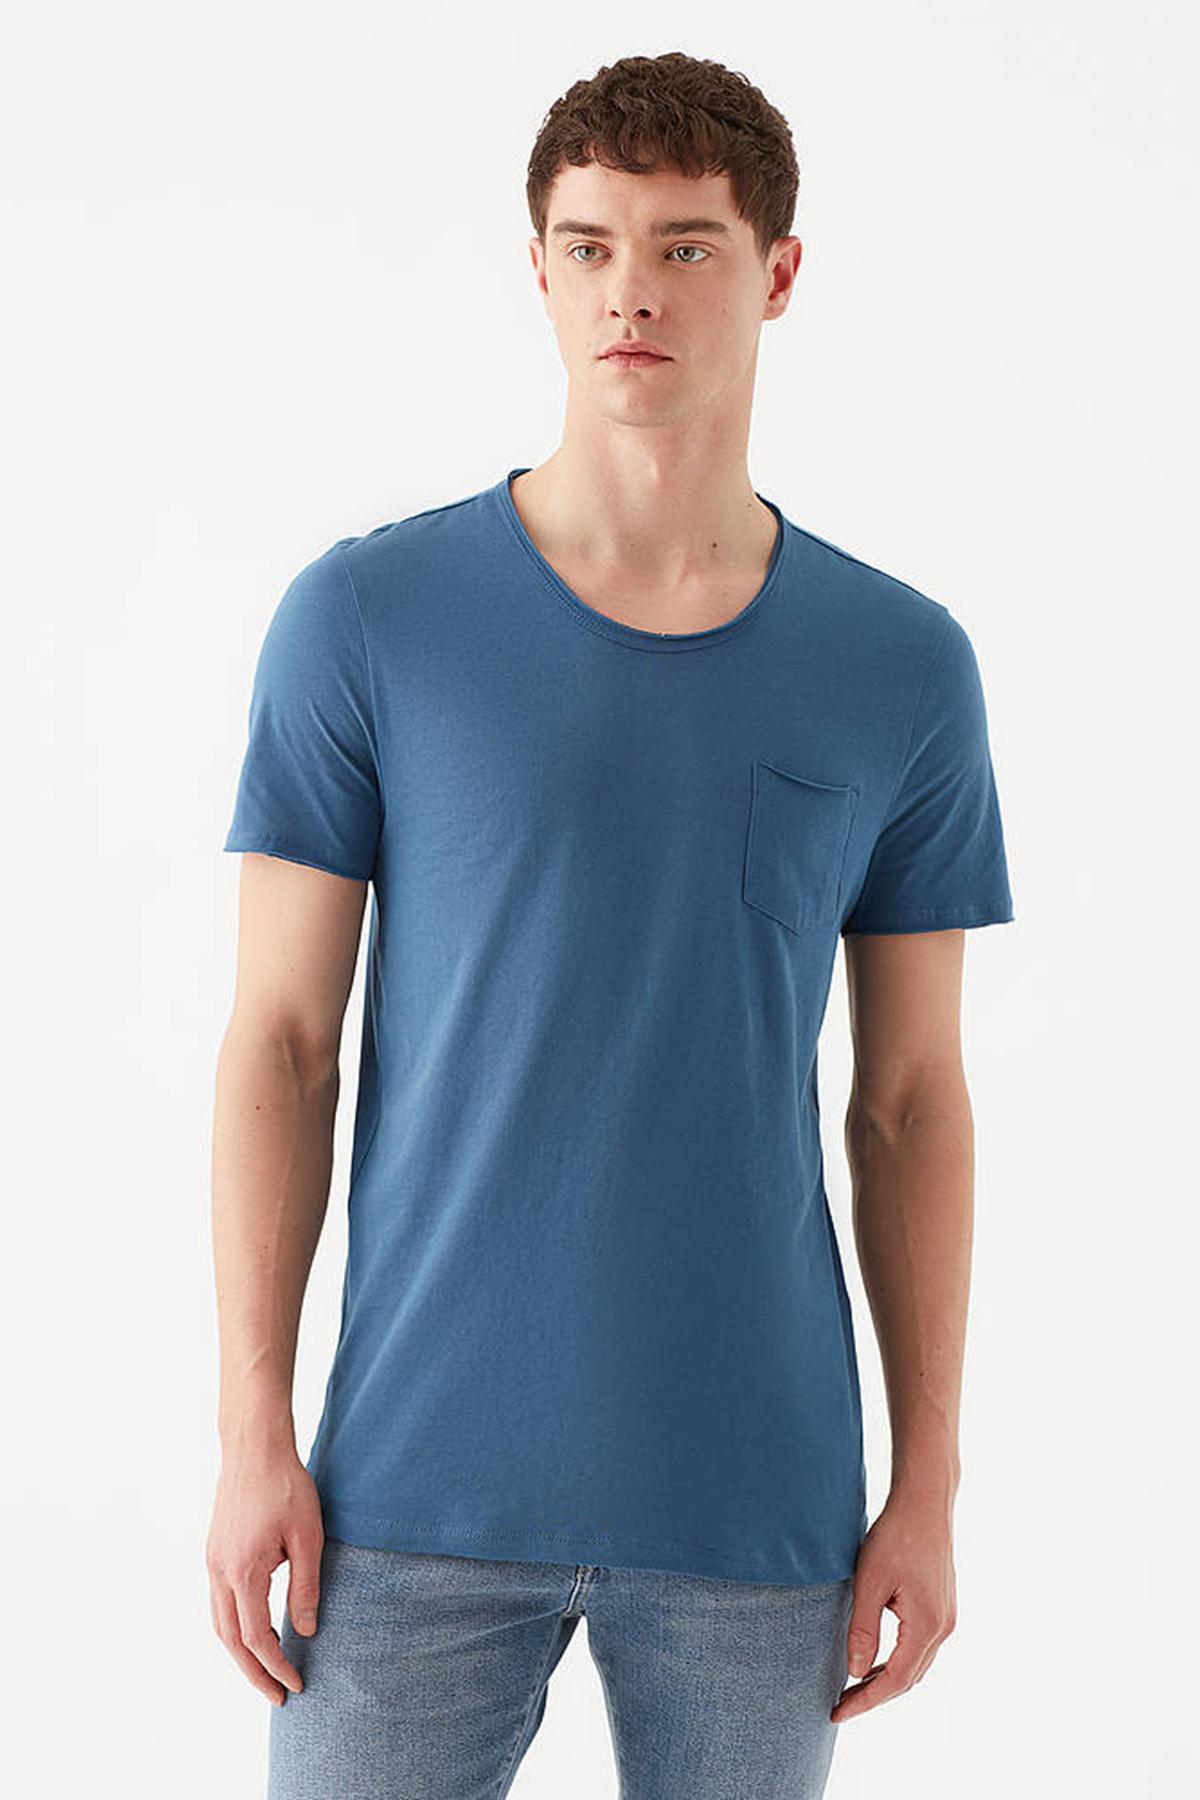 Basıc Tişört Gece Mavi